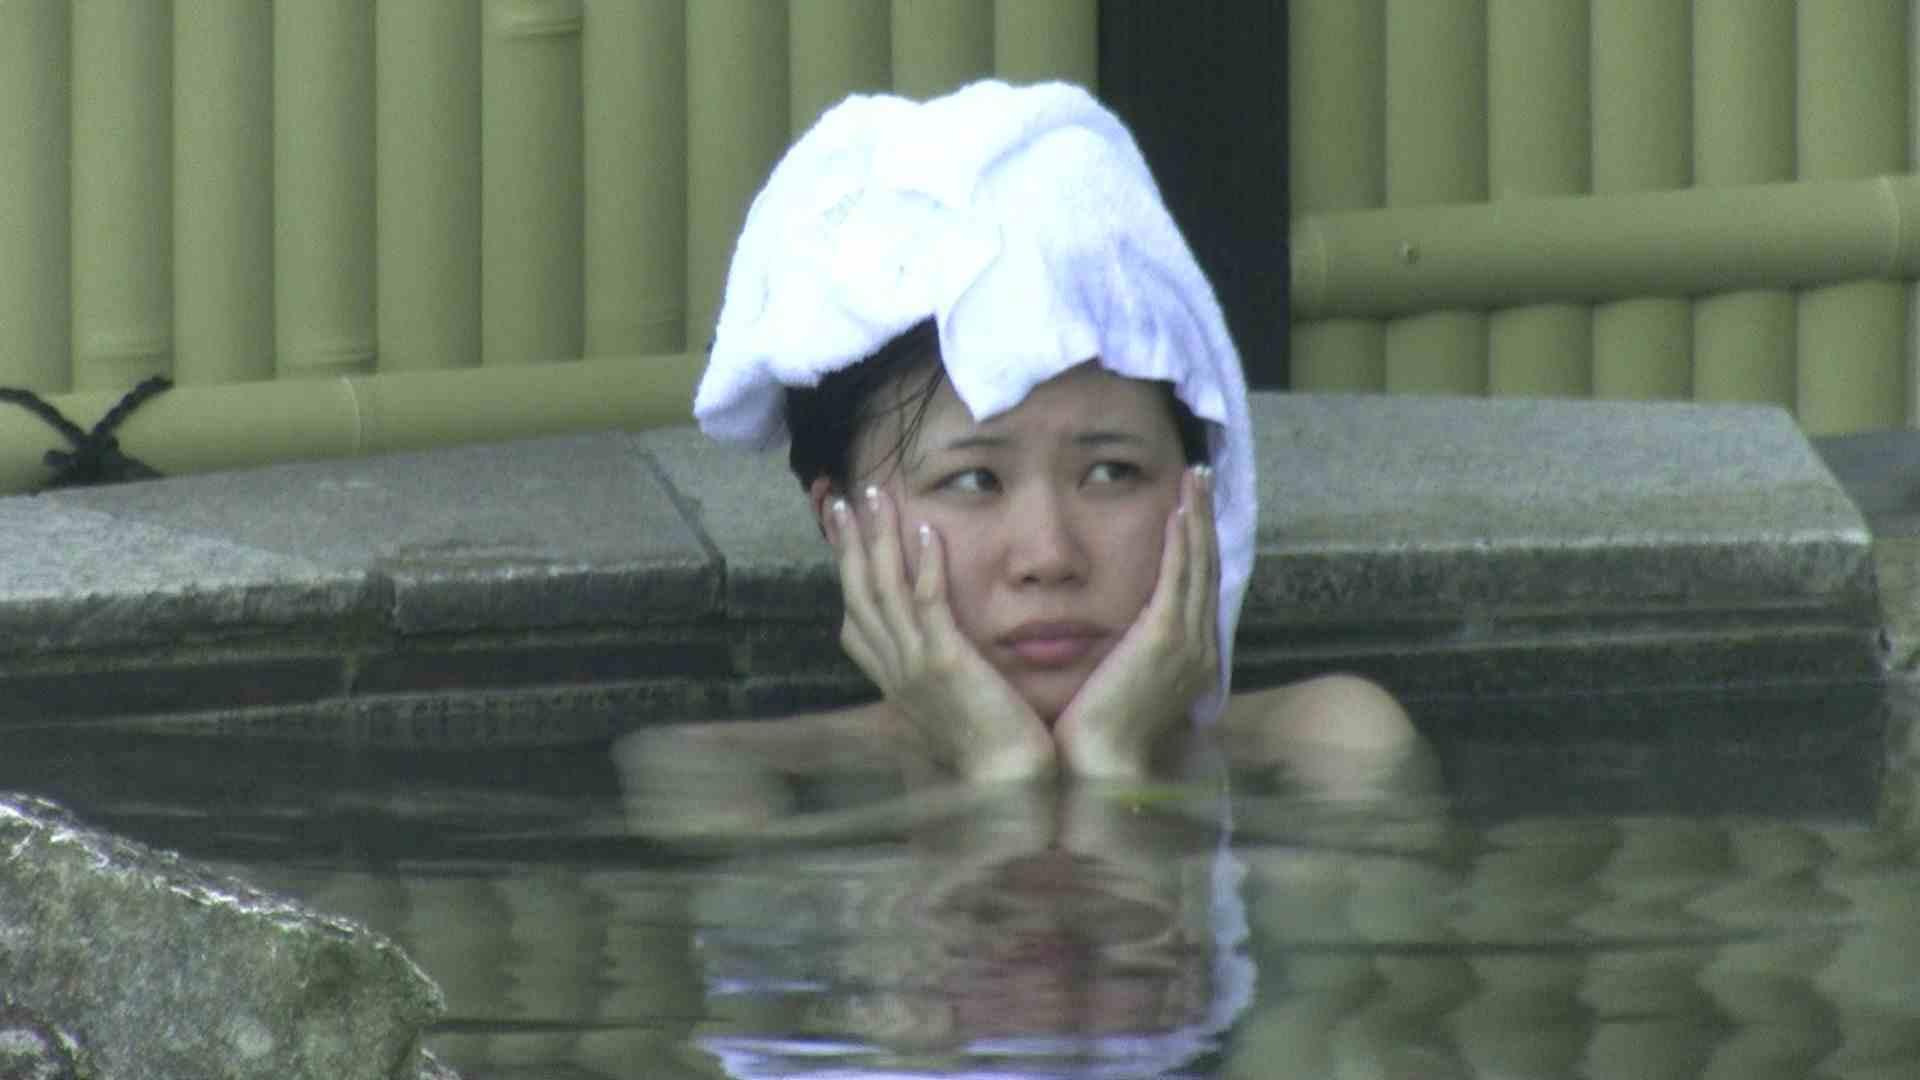 Aquaな露天風呂Vol.183 美しいOLの裸体  105pic 96